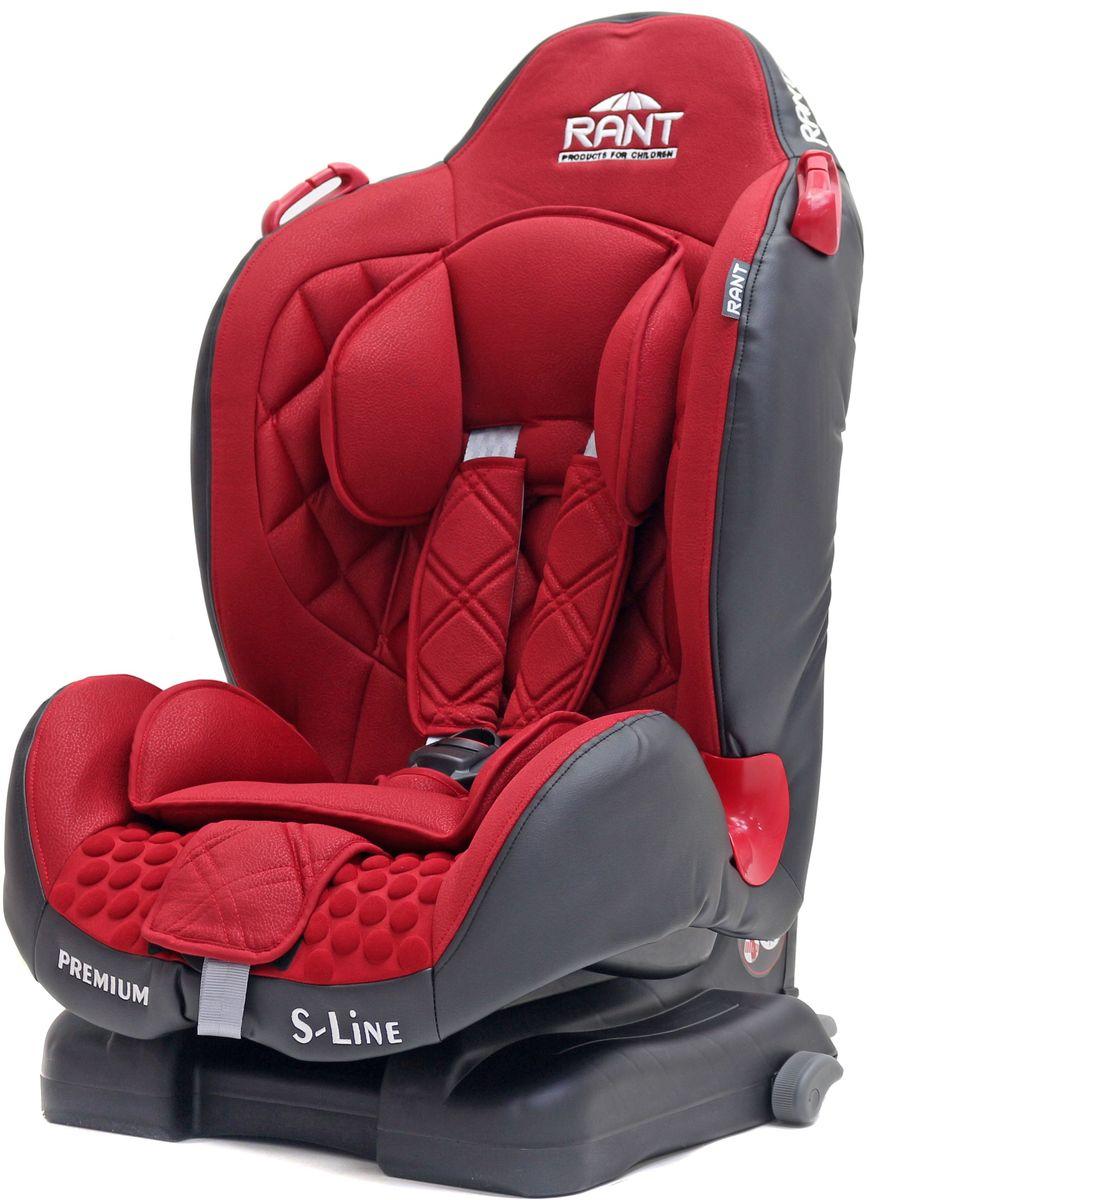 Rant Автокресло Premium Isofix цвет красный от 9 до 25 кг4650070987495Автокресло Rant Premium Isofix предназначено для перевозки в автомобиле ребенка весом от 9 до 25 кг. Группа 1-2. Возраст: от 09 мес. до 7 лет (ориентировочно). Автокресло Premium крепится в автомобиле с помощью системы Isofix либо штатным ремнем безопасности, устанавливается по ходу движения автомобиля. Съемный пятиточечный ремень безопасности имеет мягкие плечевые накладки и антискользящие нашивки. Ремень регулируется в 4 уровнях высоты. Подголовник регулируется в 4 положениях. 3 положения наклона корпуса, устойчивая база, фиксатор высоты штатных ремней безопасности, дополнительная боковая защита, съемный чехол, мягкий съемный вкладыш для малыша. Сертификат Европейского Стандарта Безопасности ЕCE R44/04.